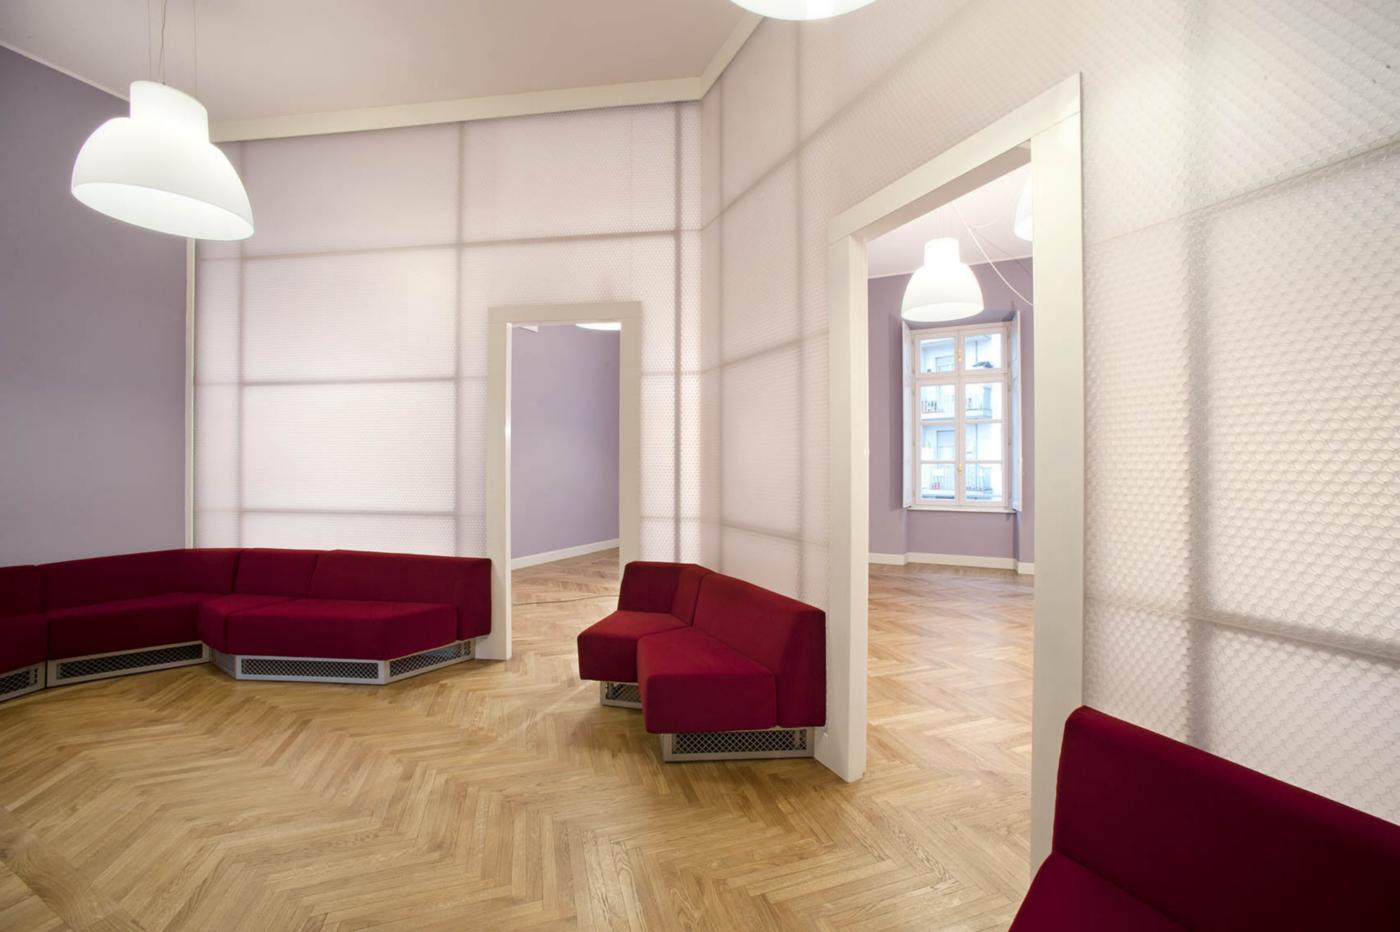 Restauro e trasformazione in uffici di un palazzo ottocentesco. Zone relax al piano secondo | Bottega di Architettura